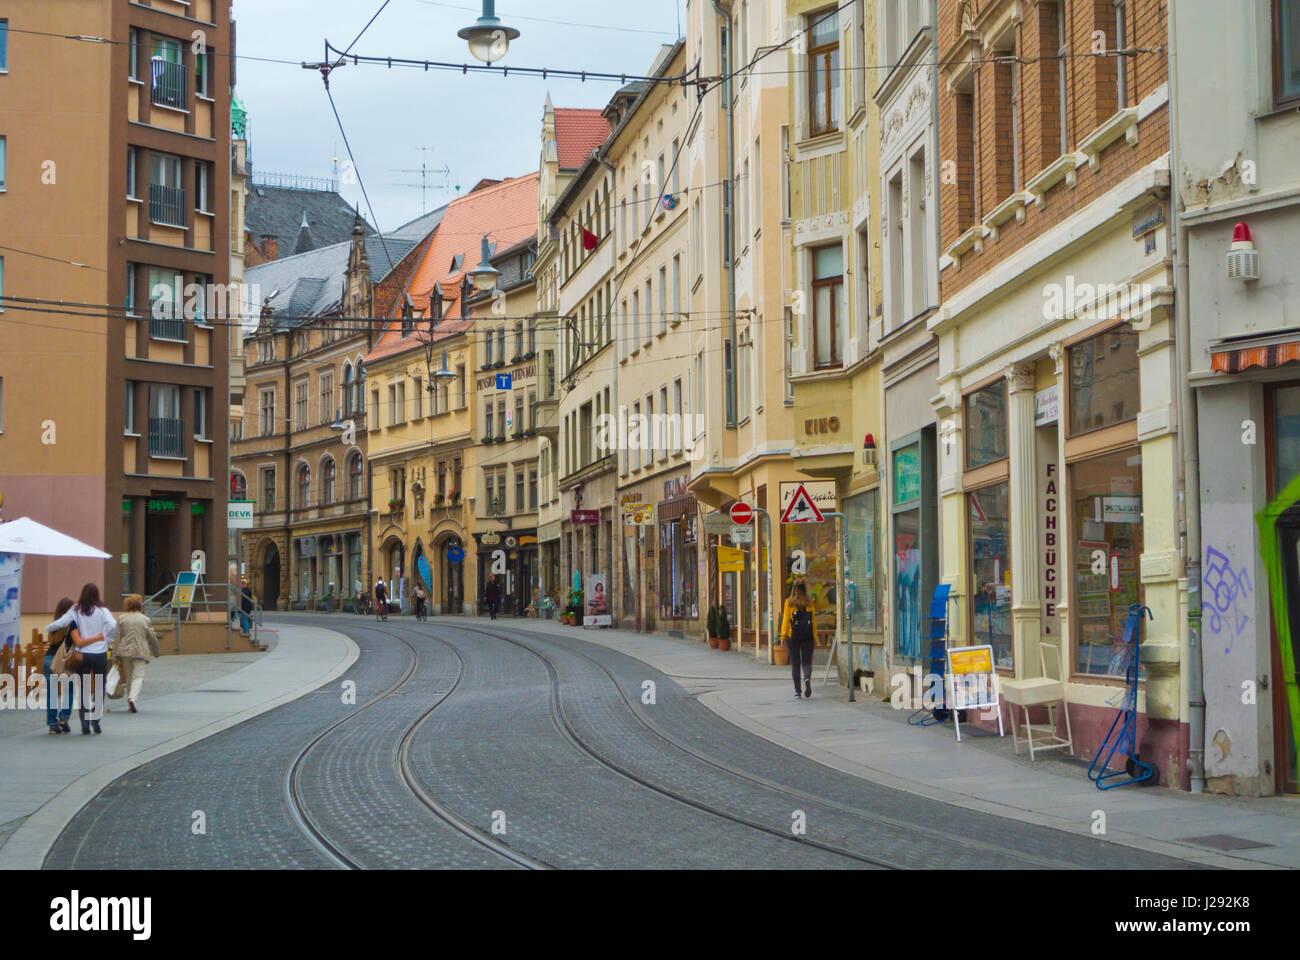 Schmeerstrasse, Altstadt, old town, Halle, Saxony-Anhalt, Germany - Stock Image